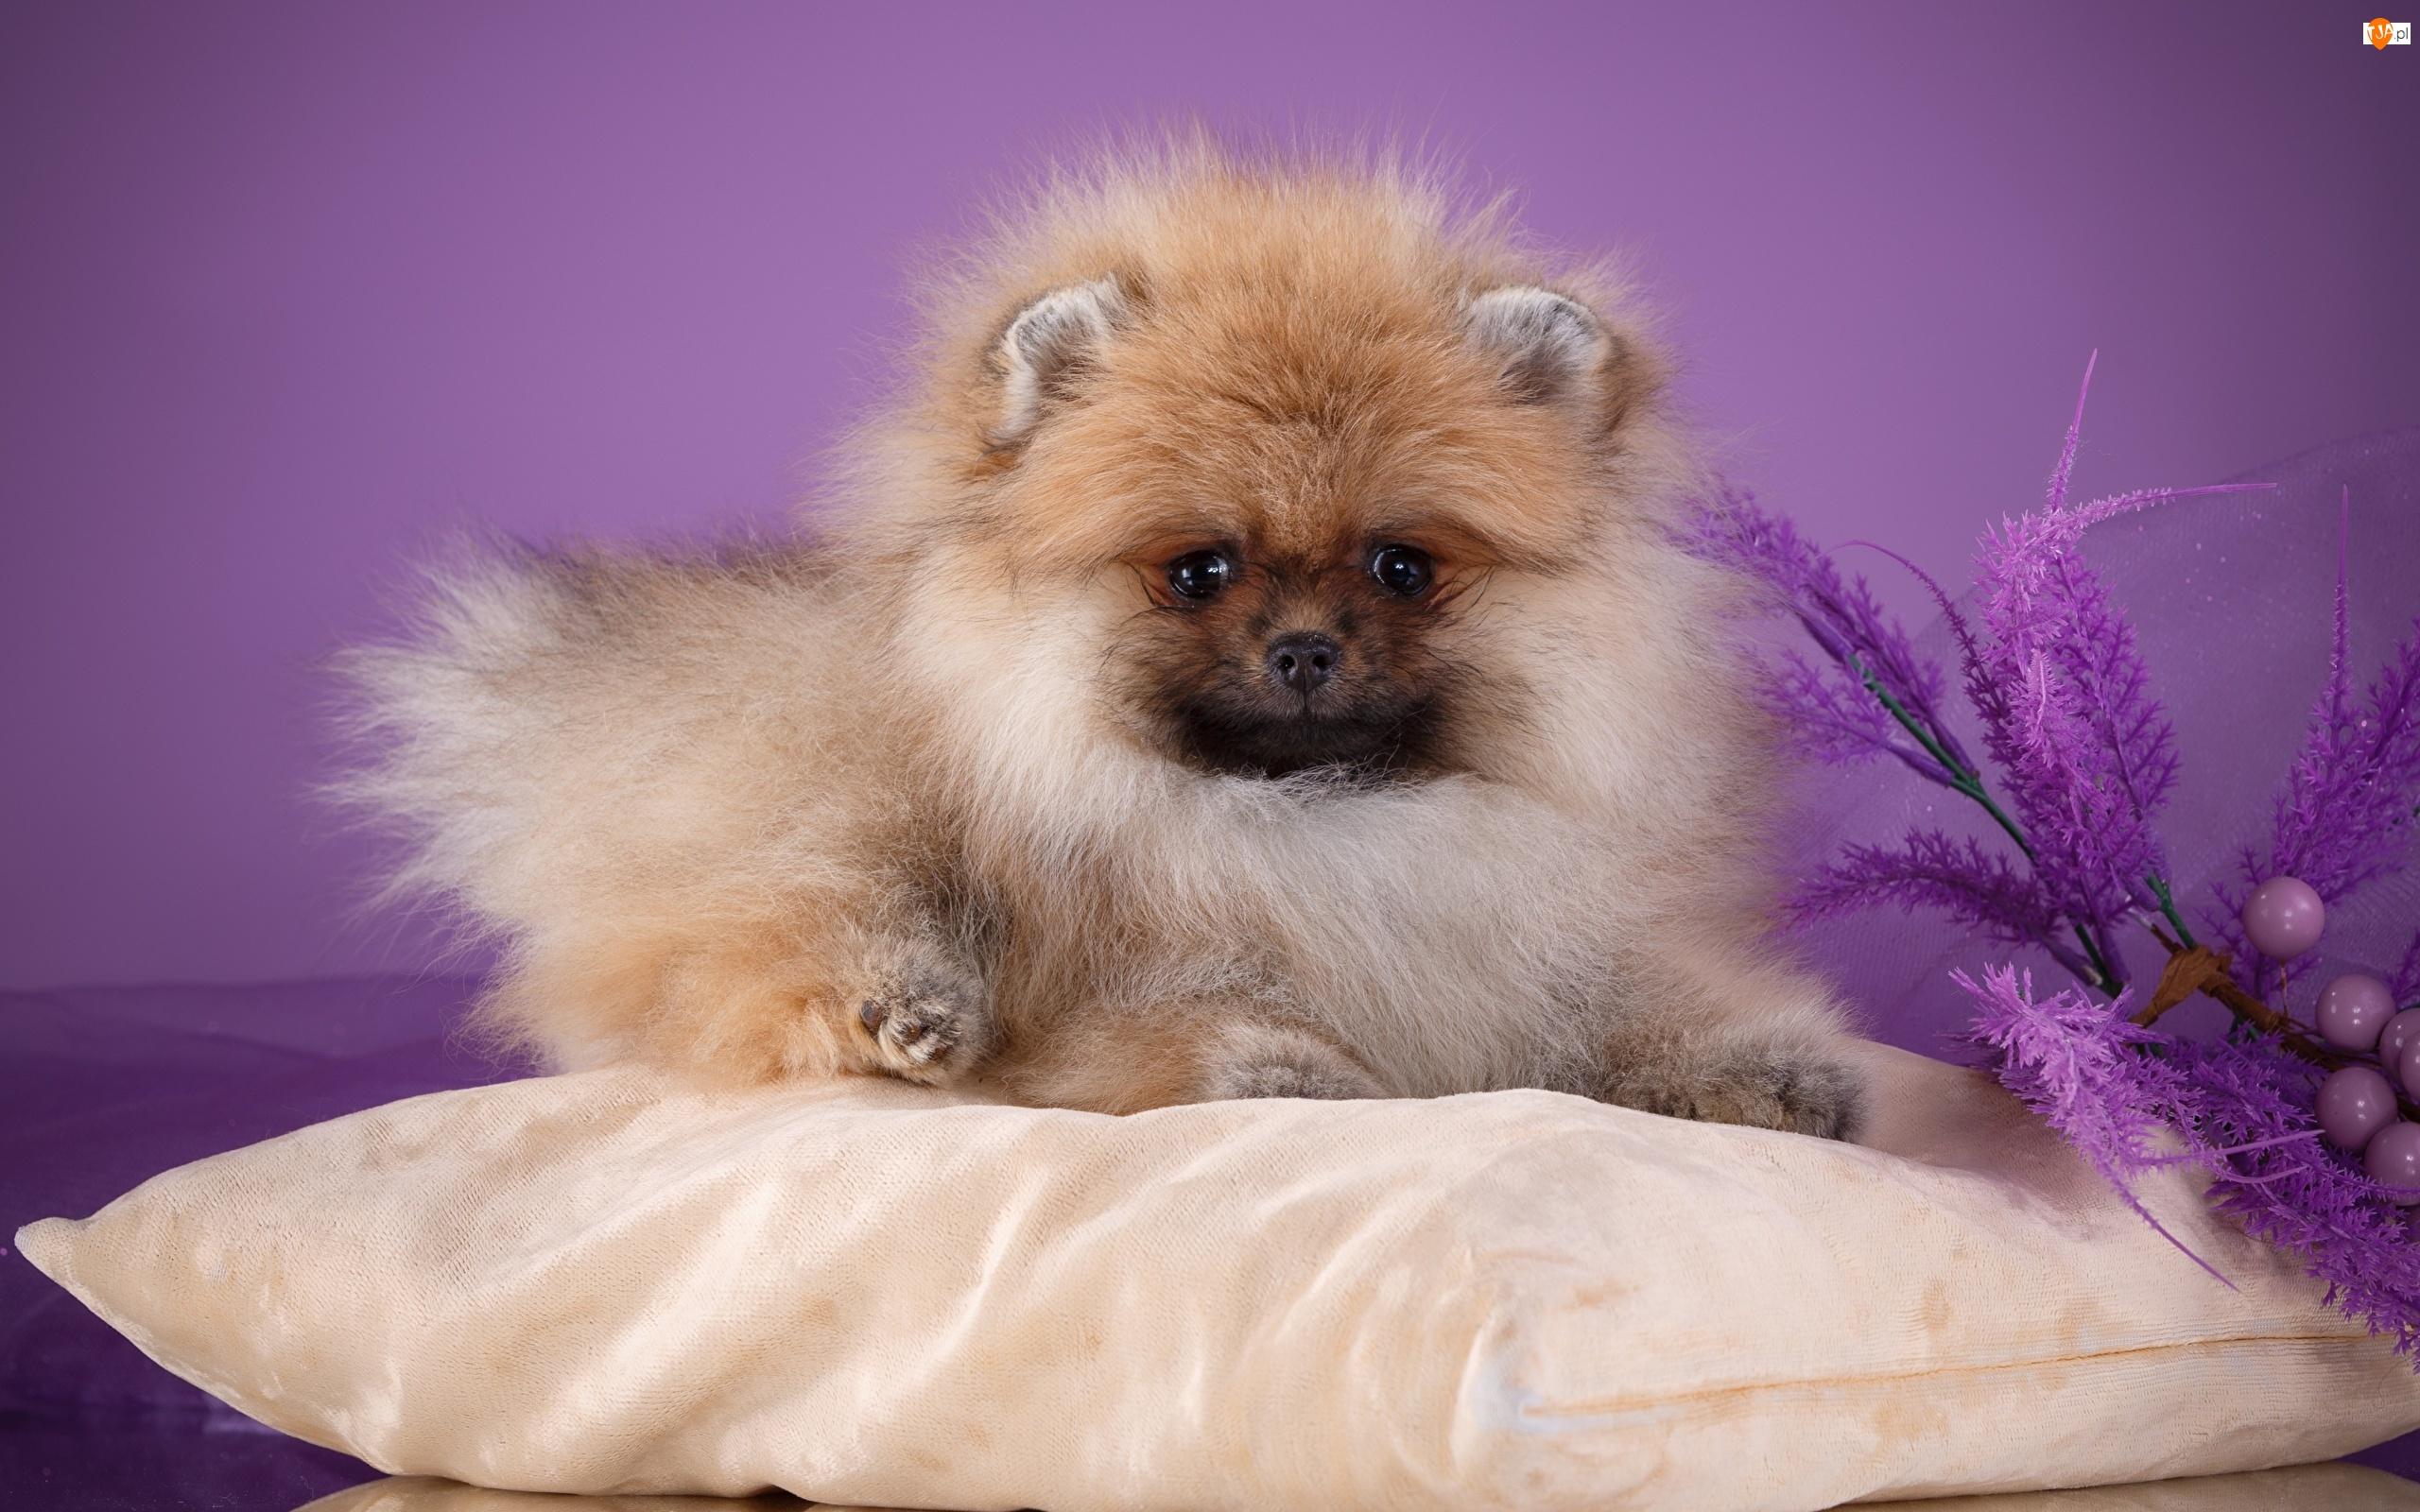 Poduszka, Pies, Puszysty, Szpic miniaturowy